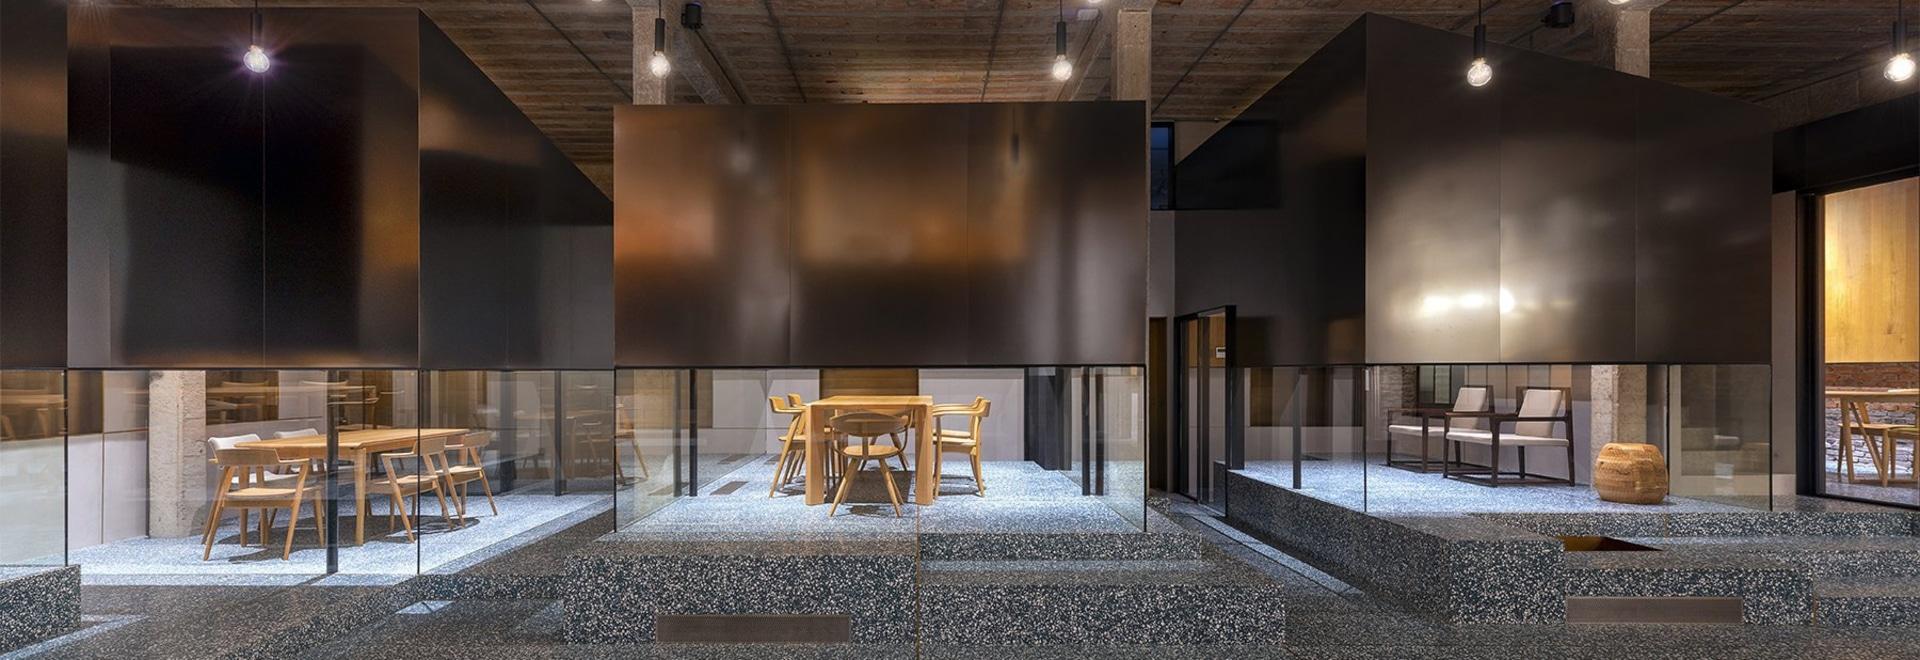 le linehouse empile des salons de thé d'acier inoxydable sur le sol de mosaïque vert à Changhaï